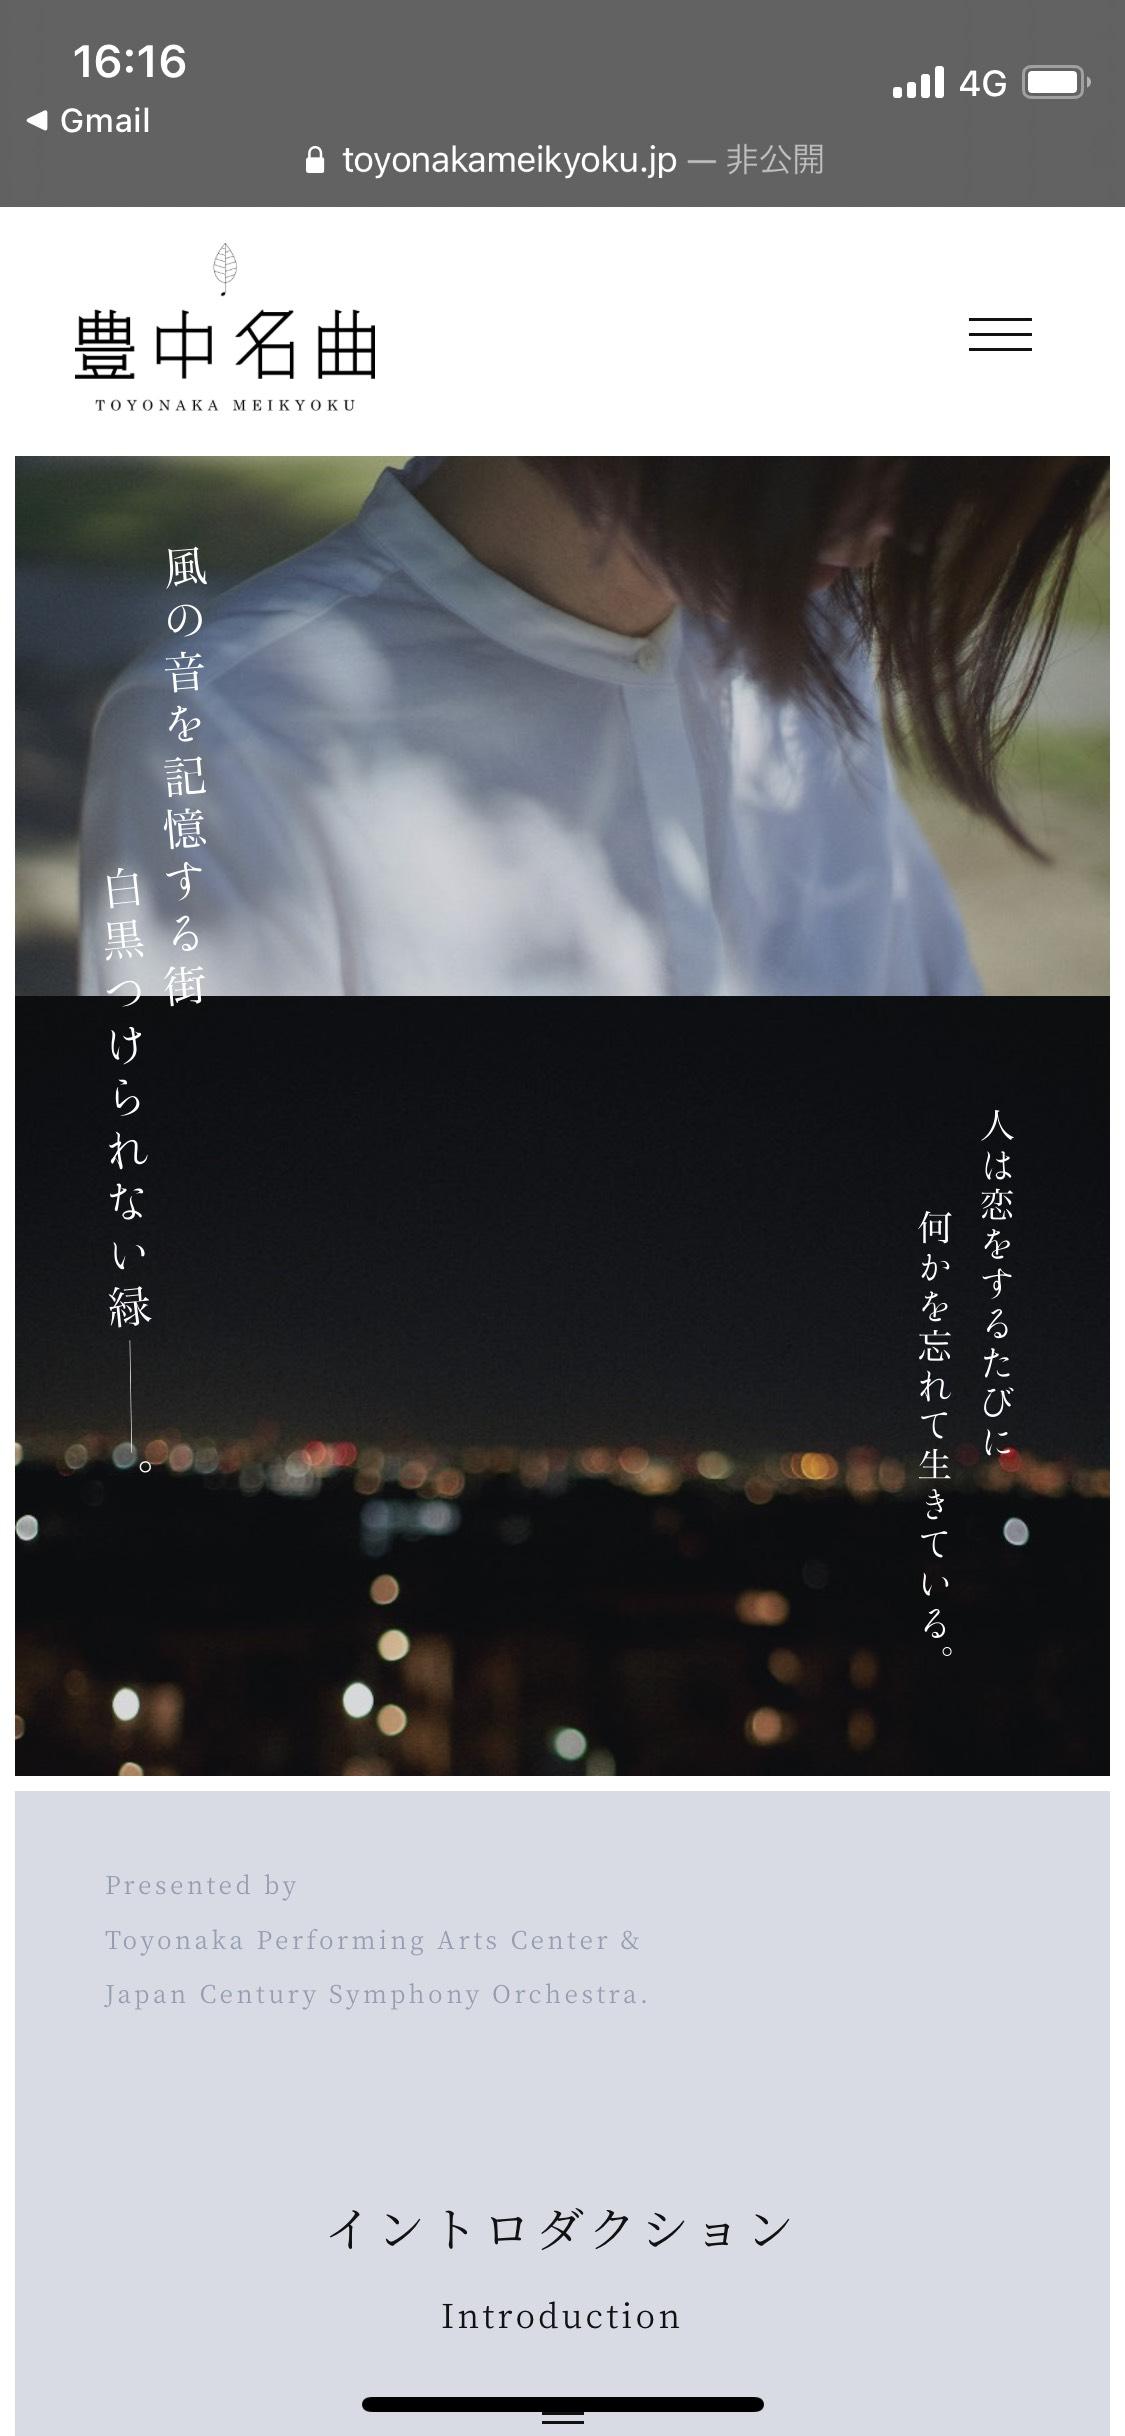 スマートフォンデザイン 豊中名曲 TOYONAKA MEIKYOKU